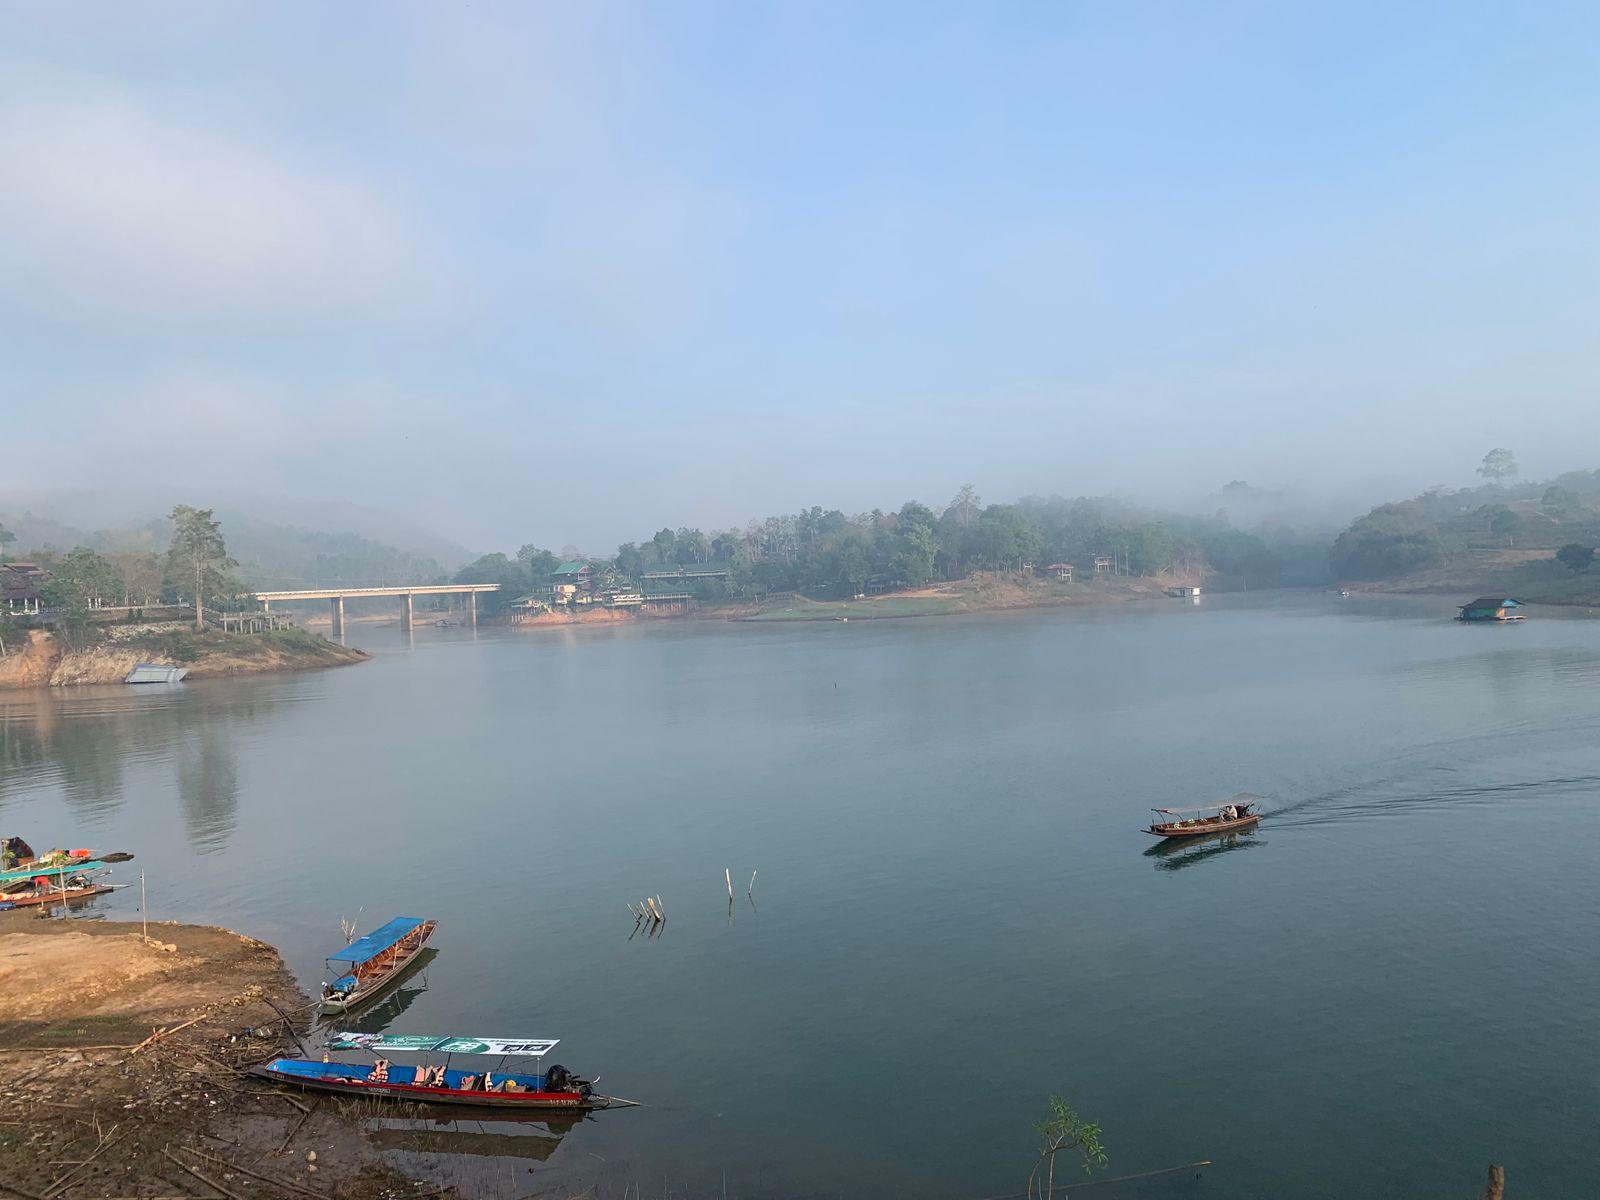 """หลงมนต์เมืองมอญ ตะลอนชอปปิ้ง""""เมืองสังขละบุรี"""""""